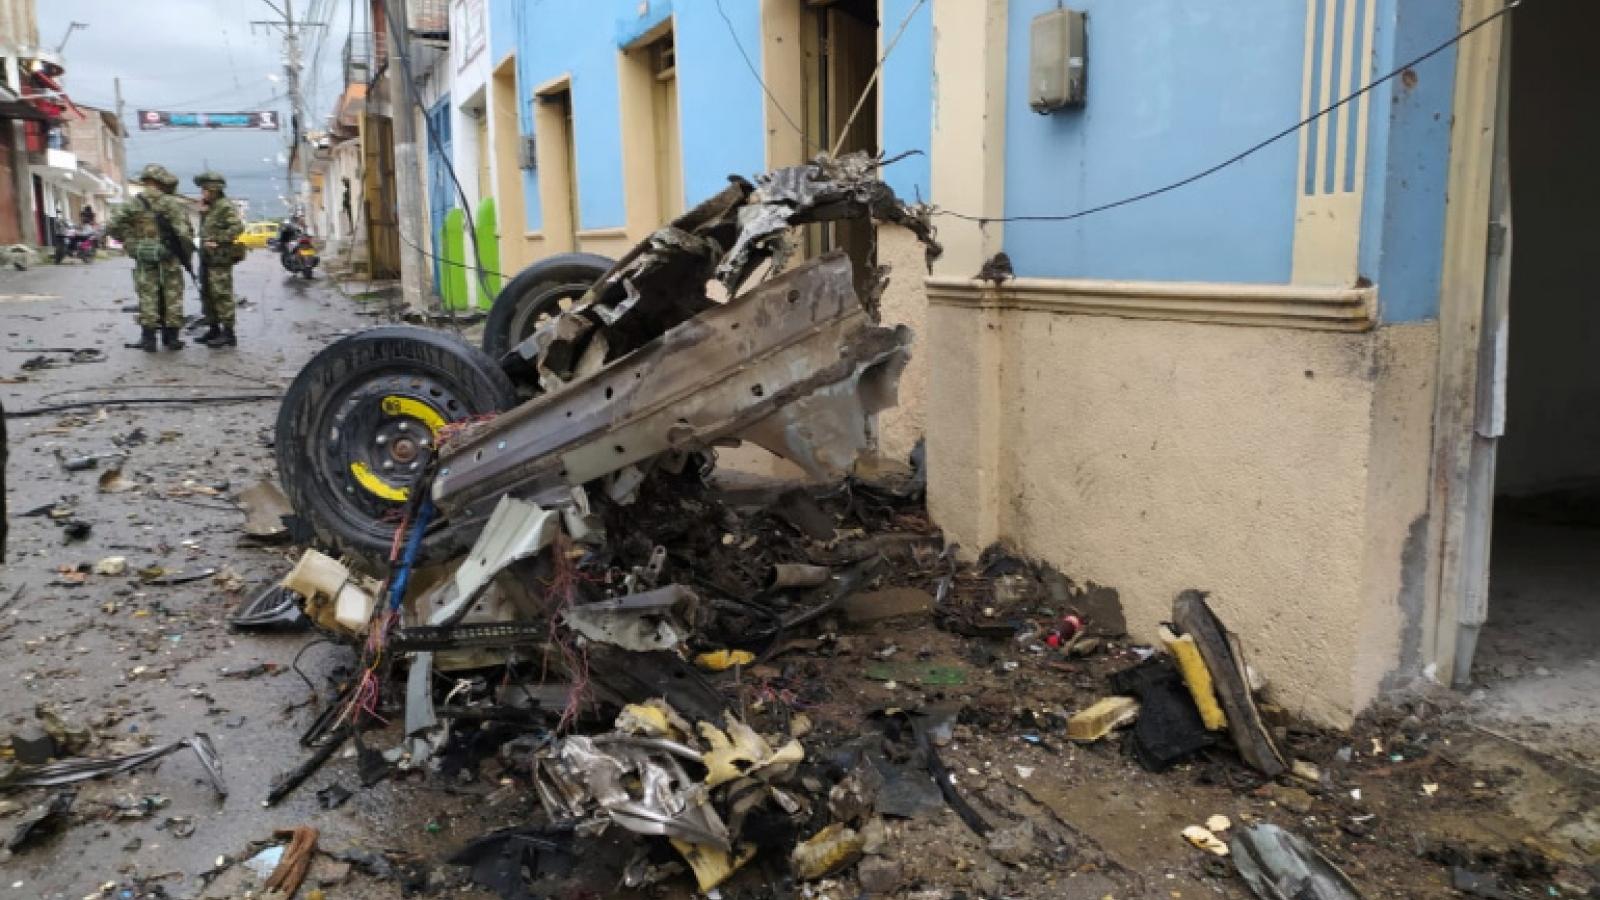 Nổ bom xe tại căn cứ quân sự ở Colombia